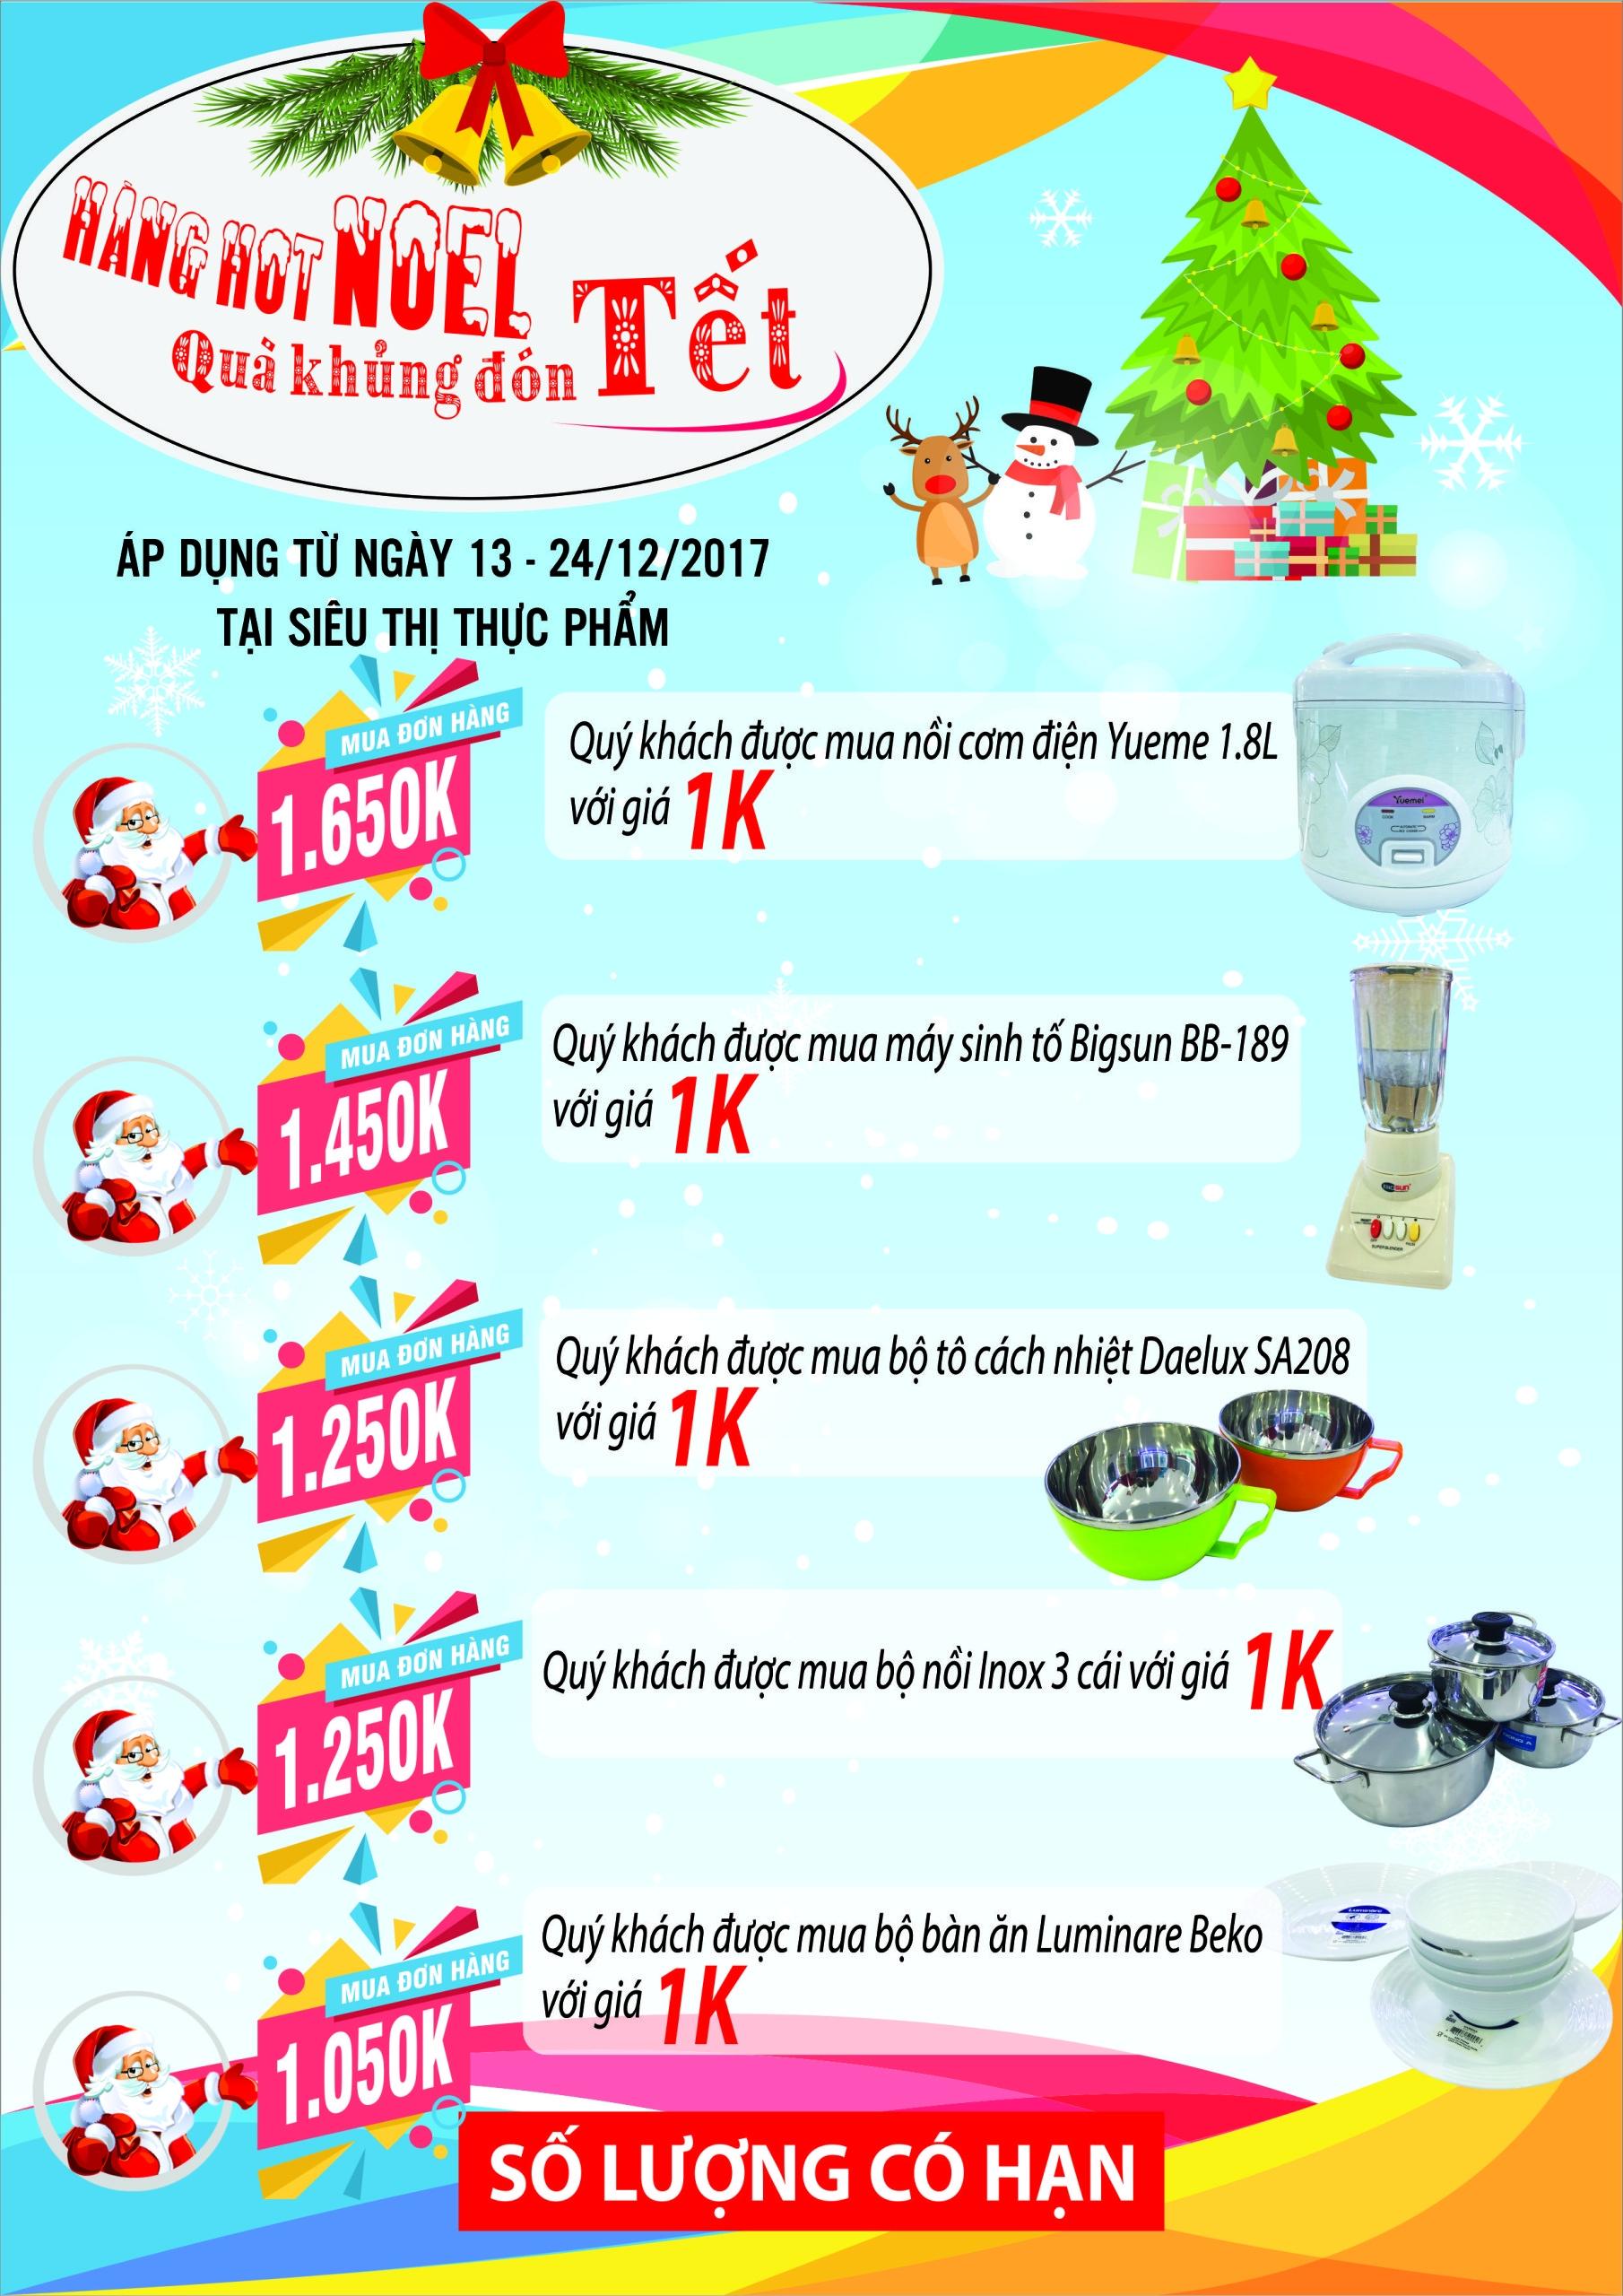 Hàng Hot Noel - Quà khủng đón Tết Tại siêu thị thực phẩm (áp dụng từ ngày 13/12 - 24/12/2017)